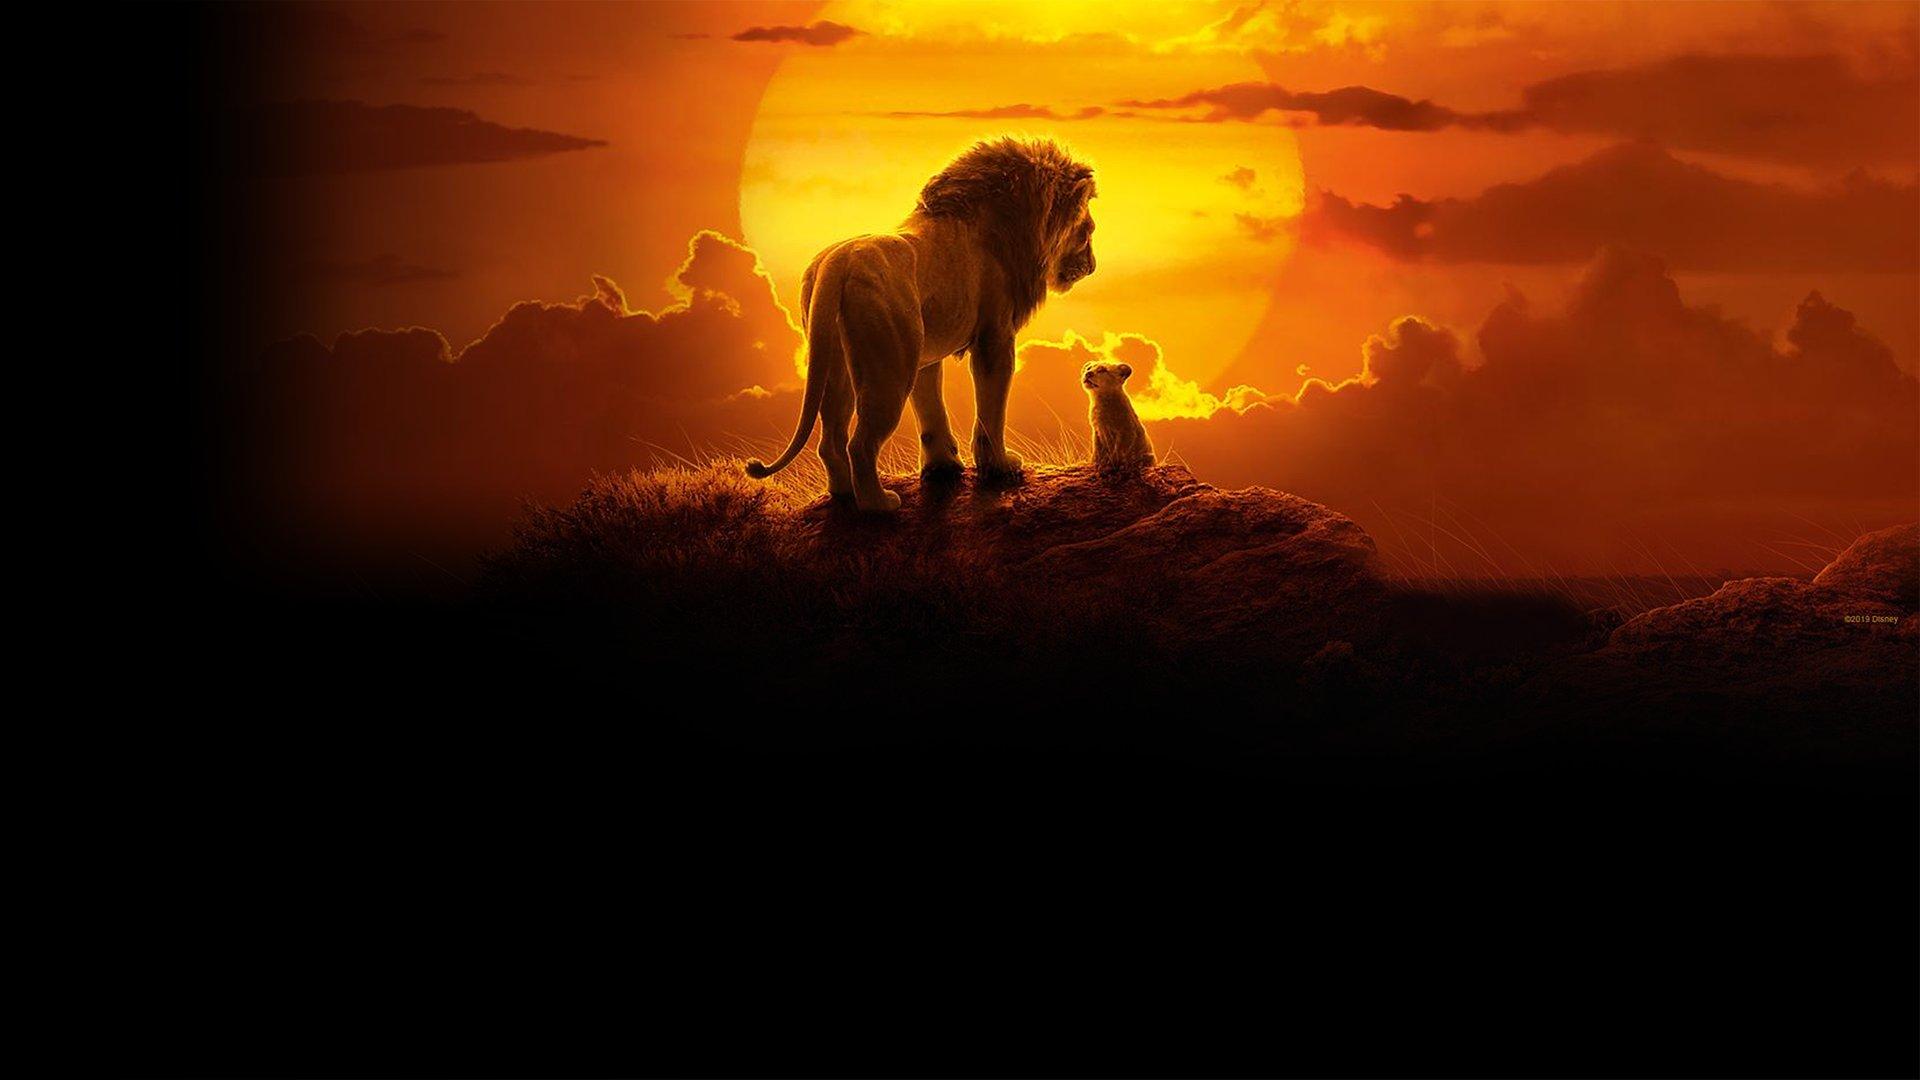 fond Le Roi Lion